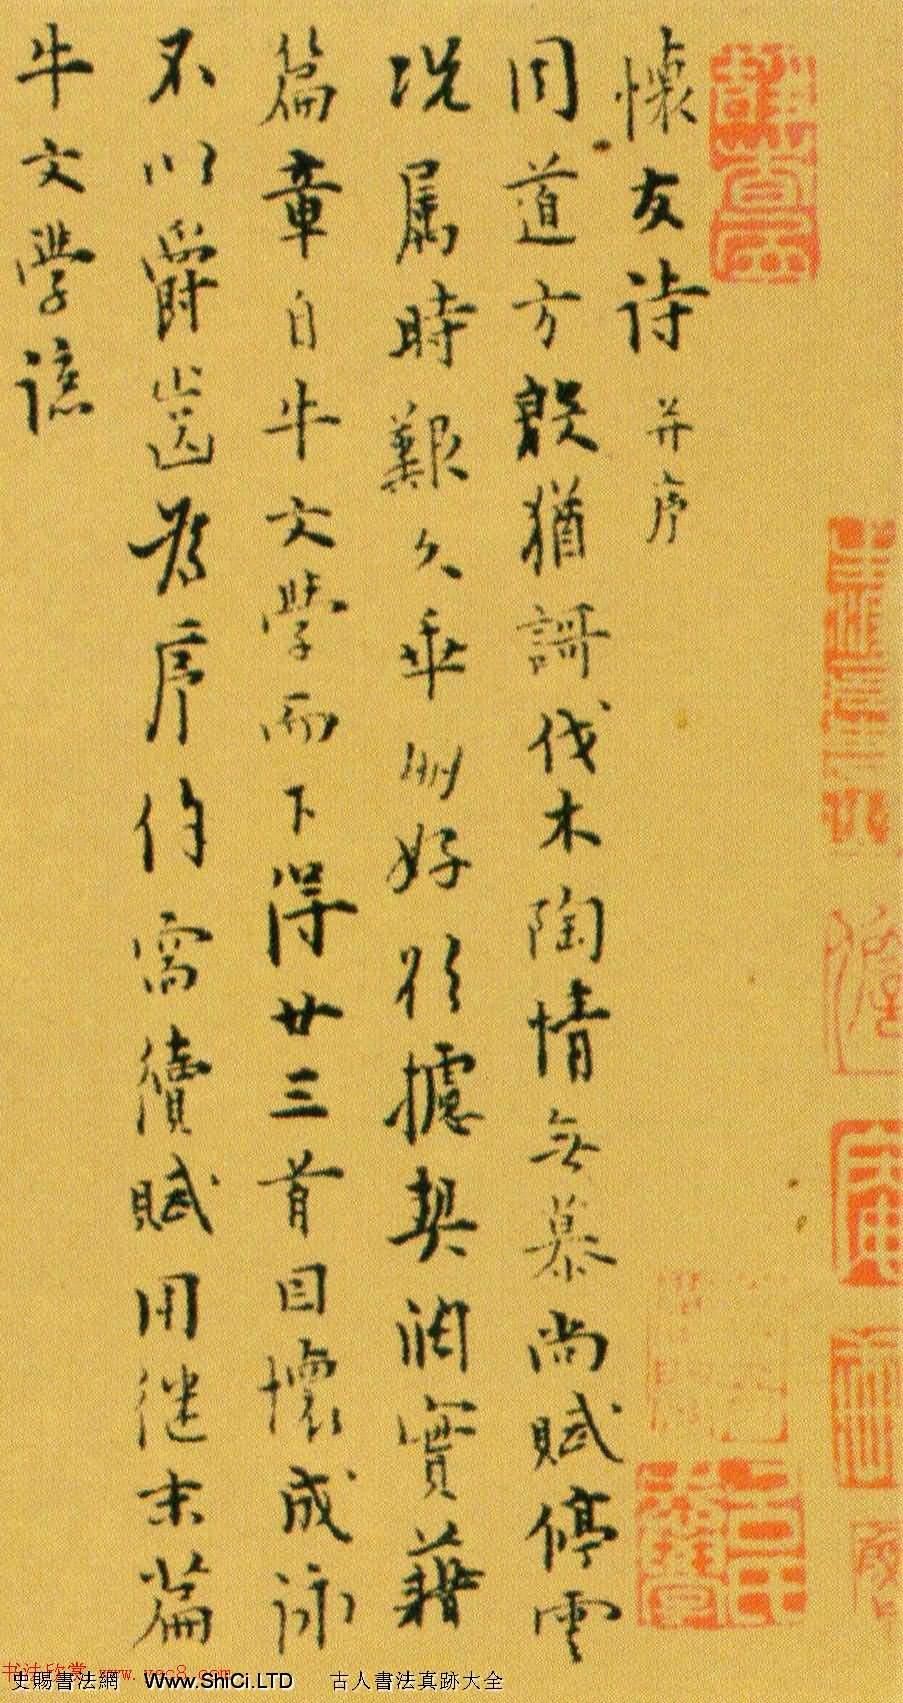 張羽行書賞析《懷友詩二十三首卷》(共13張圖片)